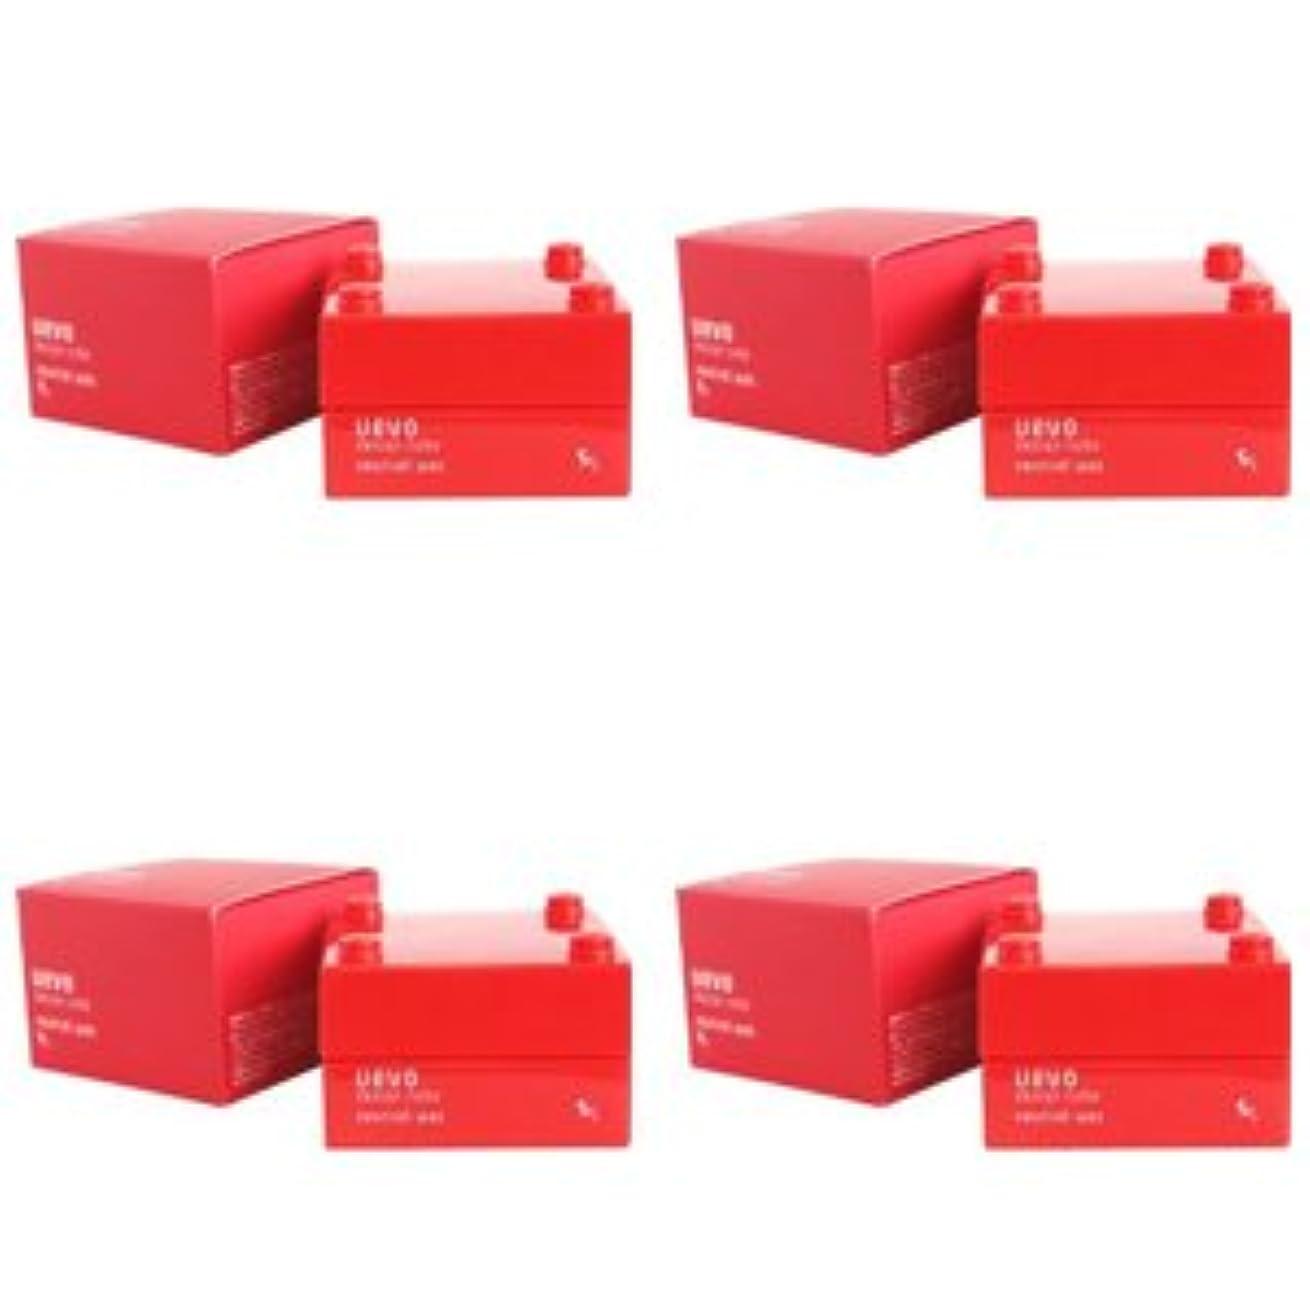 予測子メタンカルシウム【X4個セット】 デミ ウェーボ デザインキューブ ニュートラルワックス 30g neutral wax DEMI uevo design cube